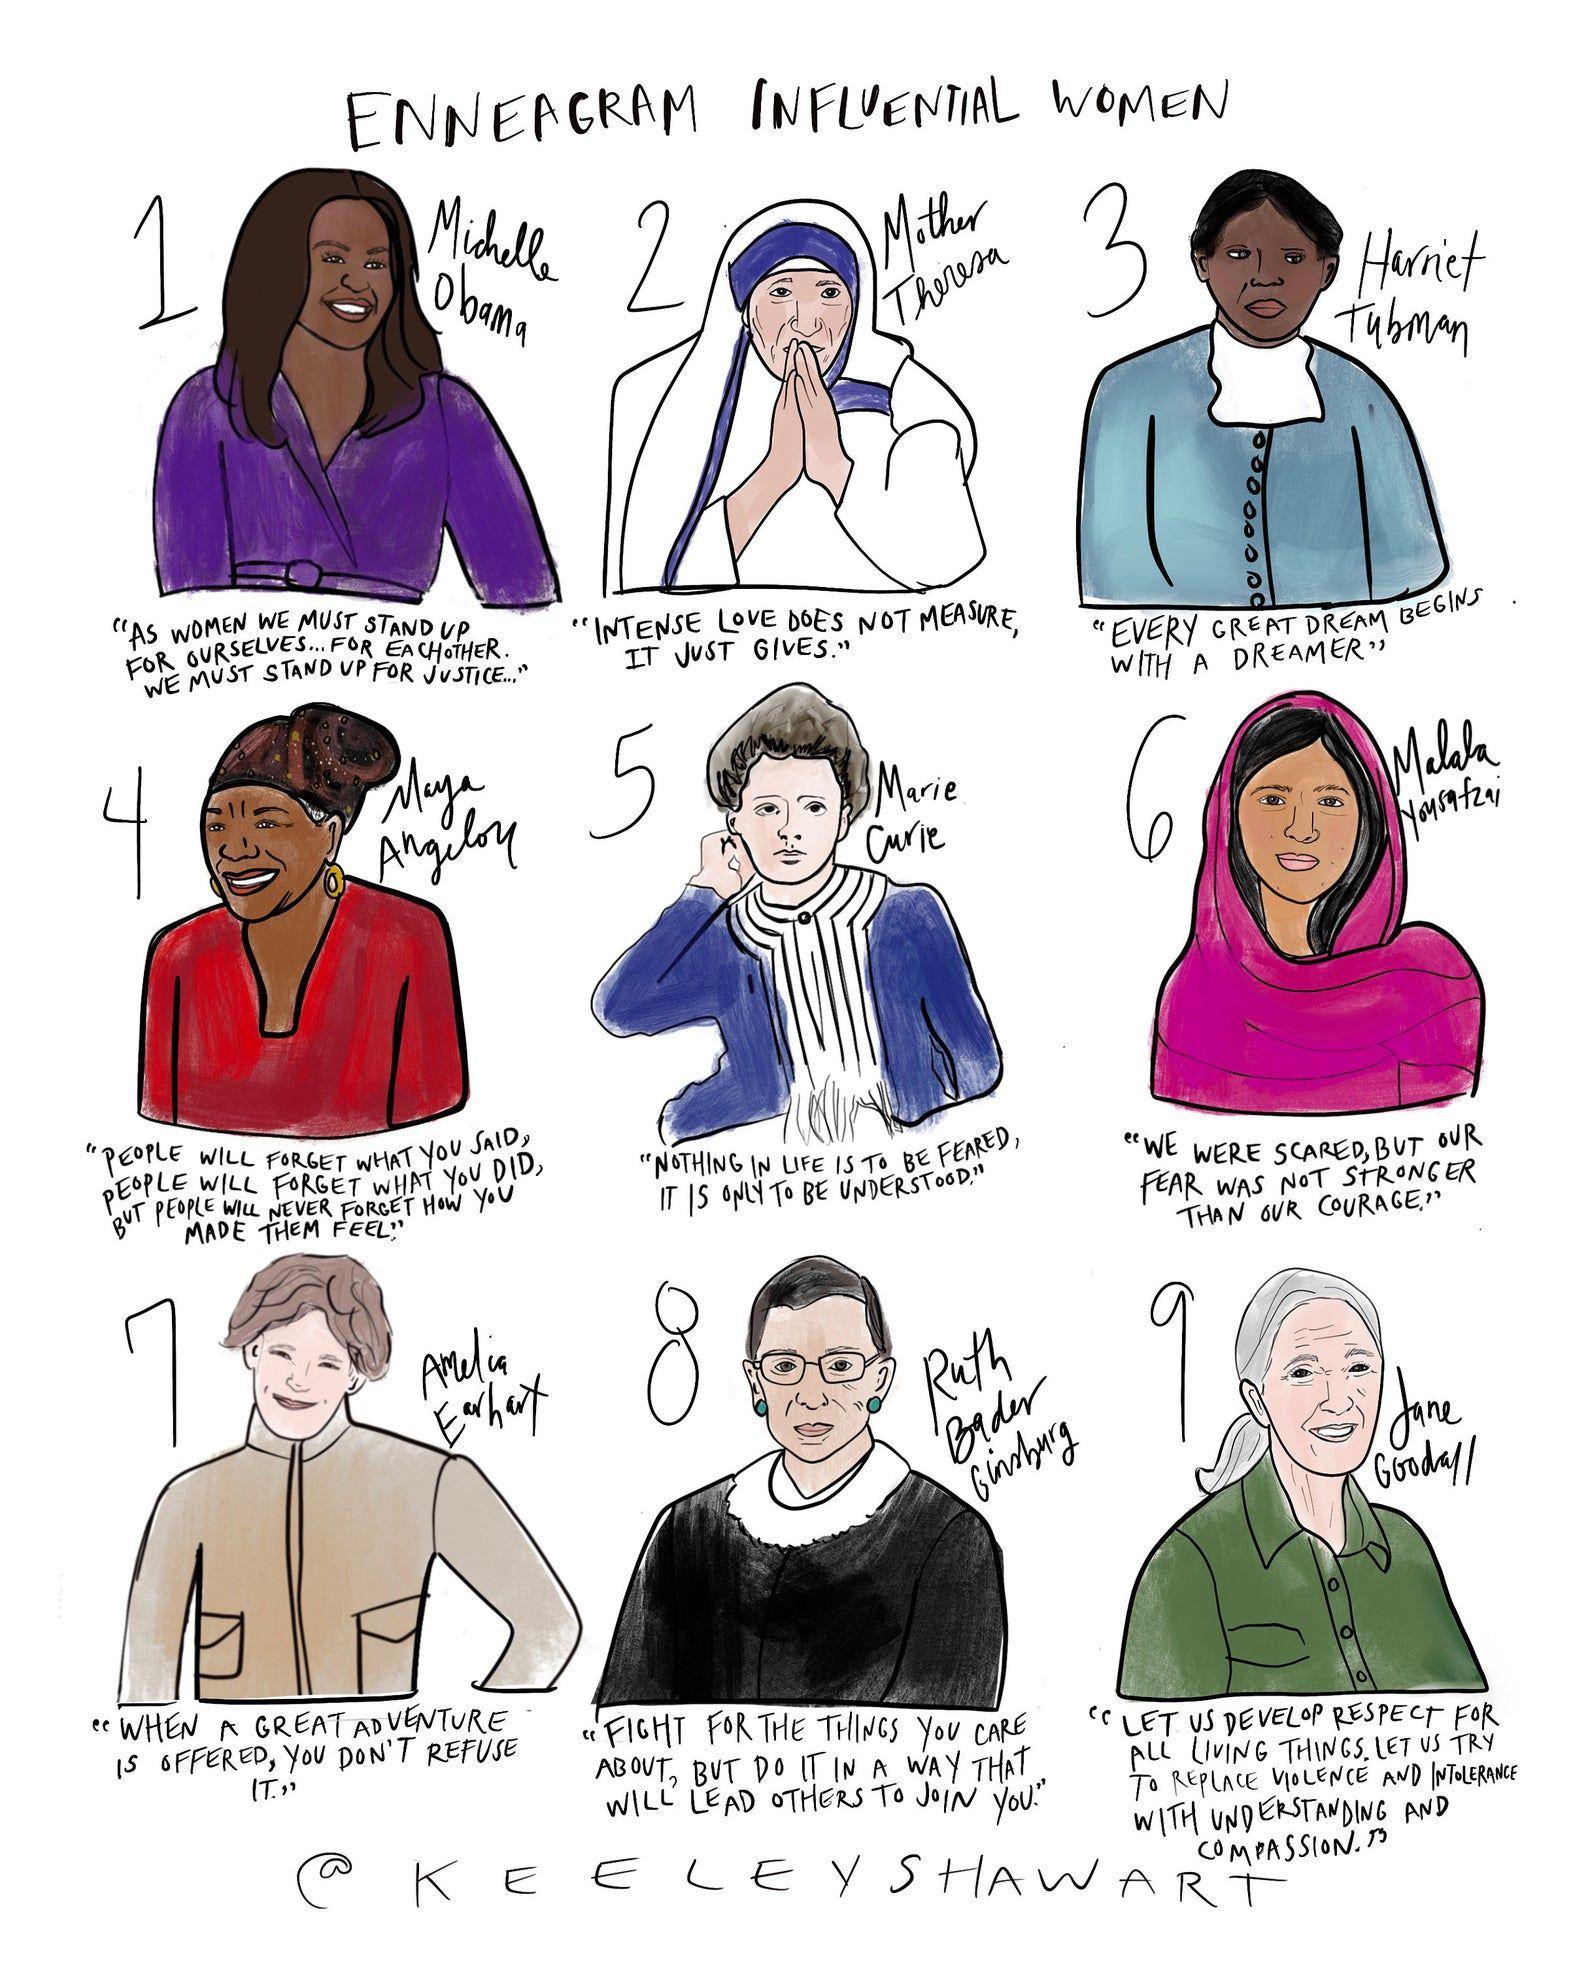 Enneagram Influential Women   Etsy